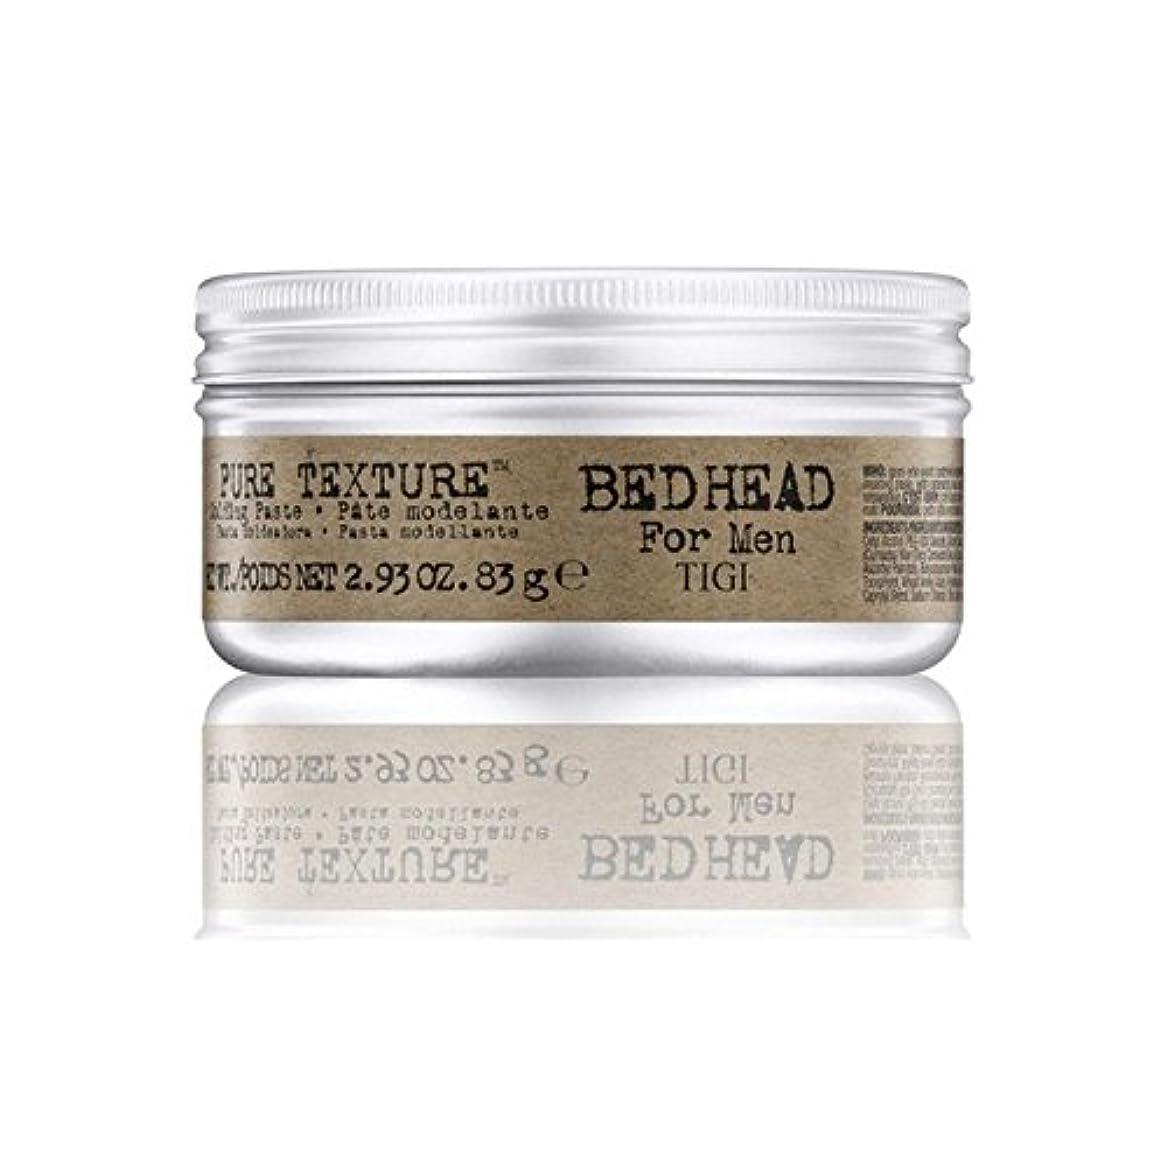 申し込む小麦粉豆男性の純粋なテクスチャーモールディングペースト(83グラム)のためのティジーベッドヘッド x2 - Tigi Bed Head For Men Pure Texture Molding Paste (83G) (Pack...